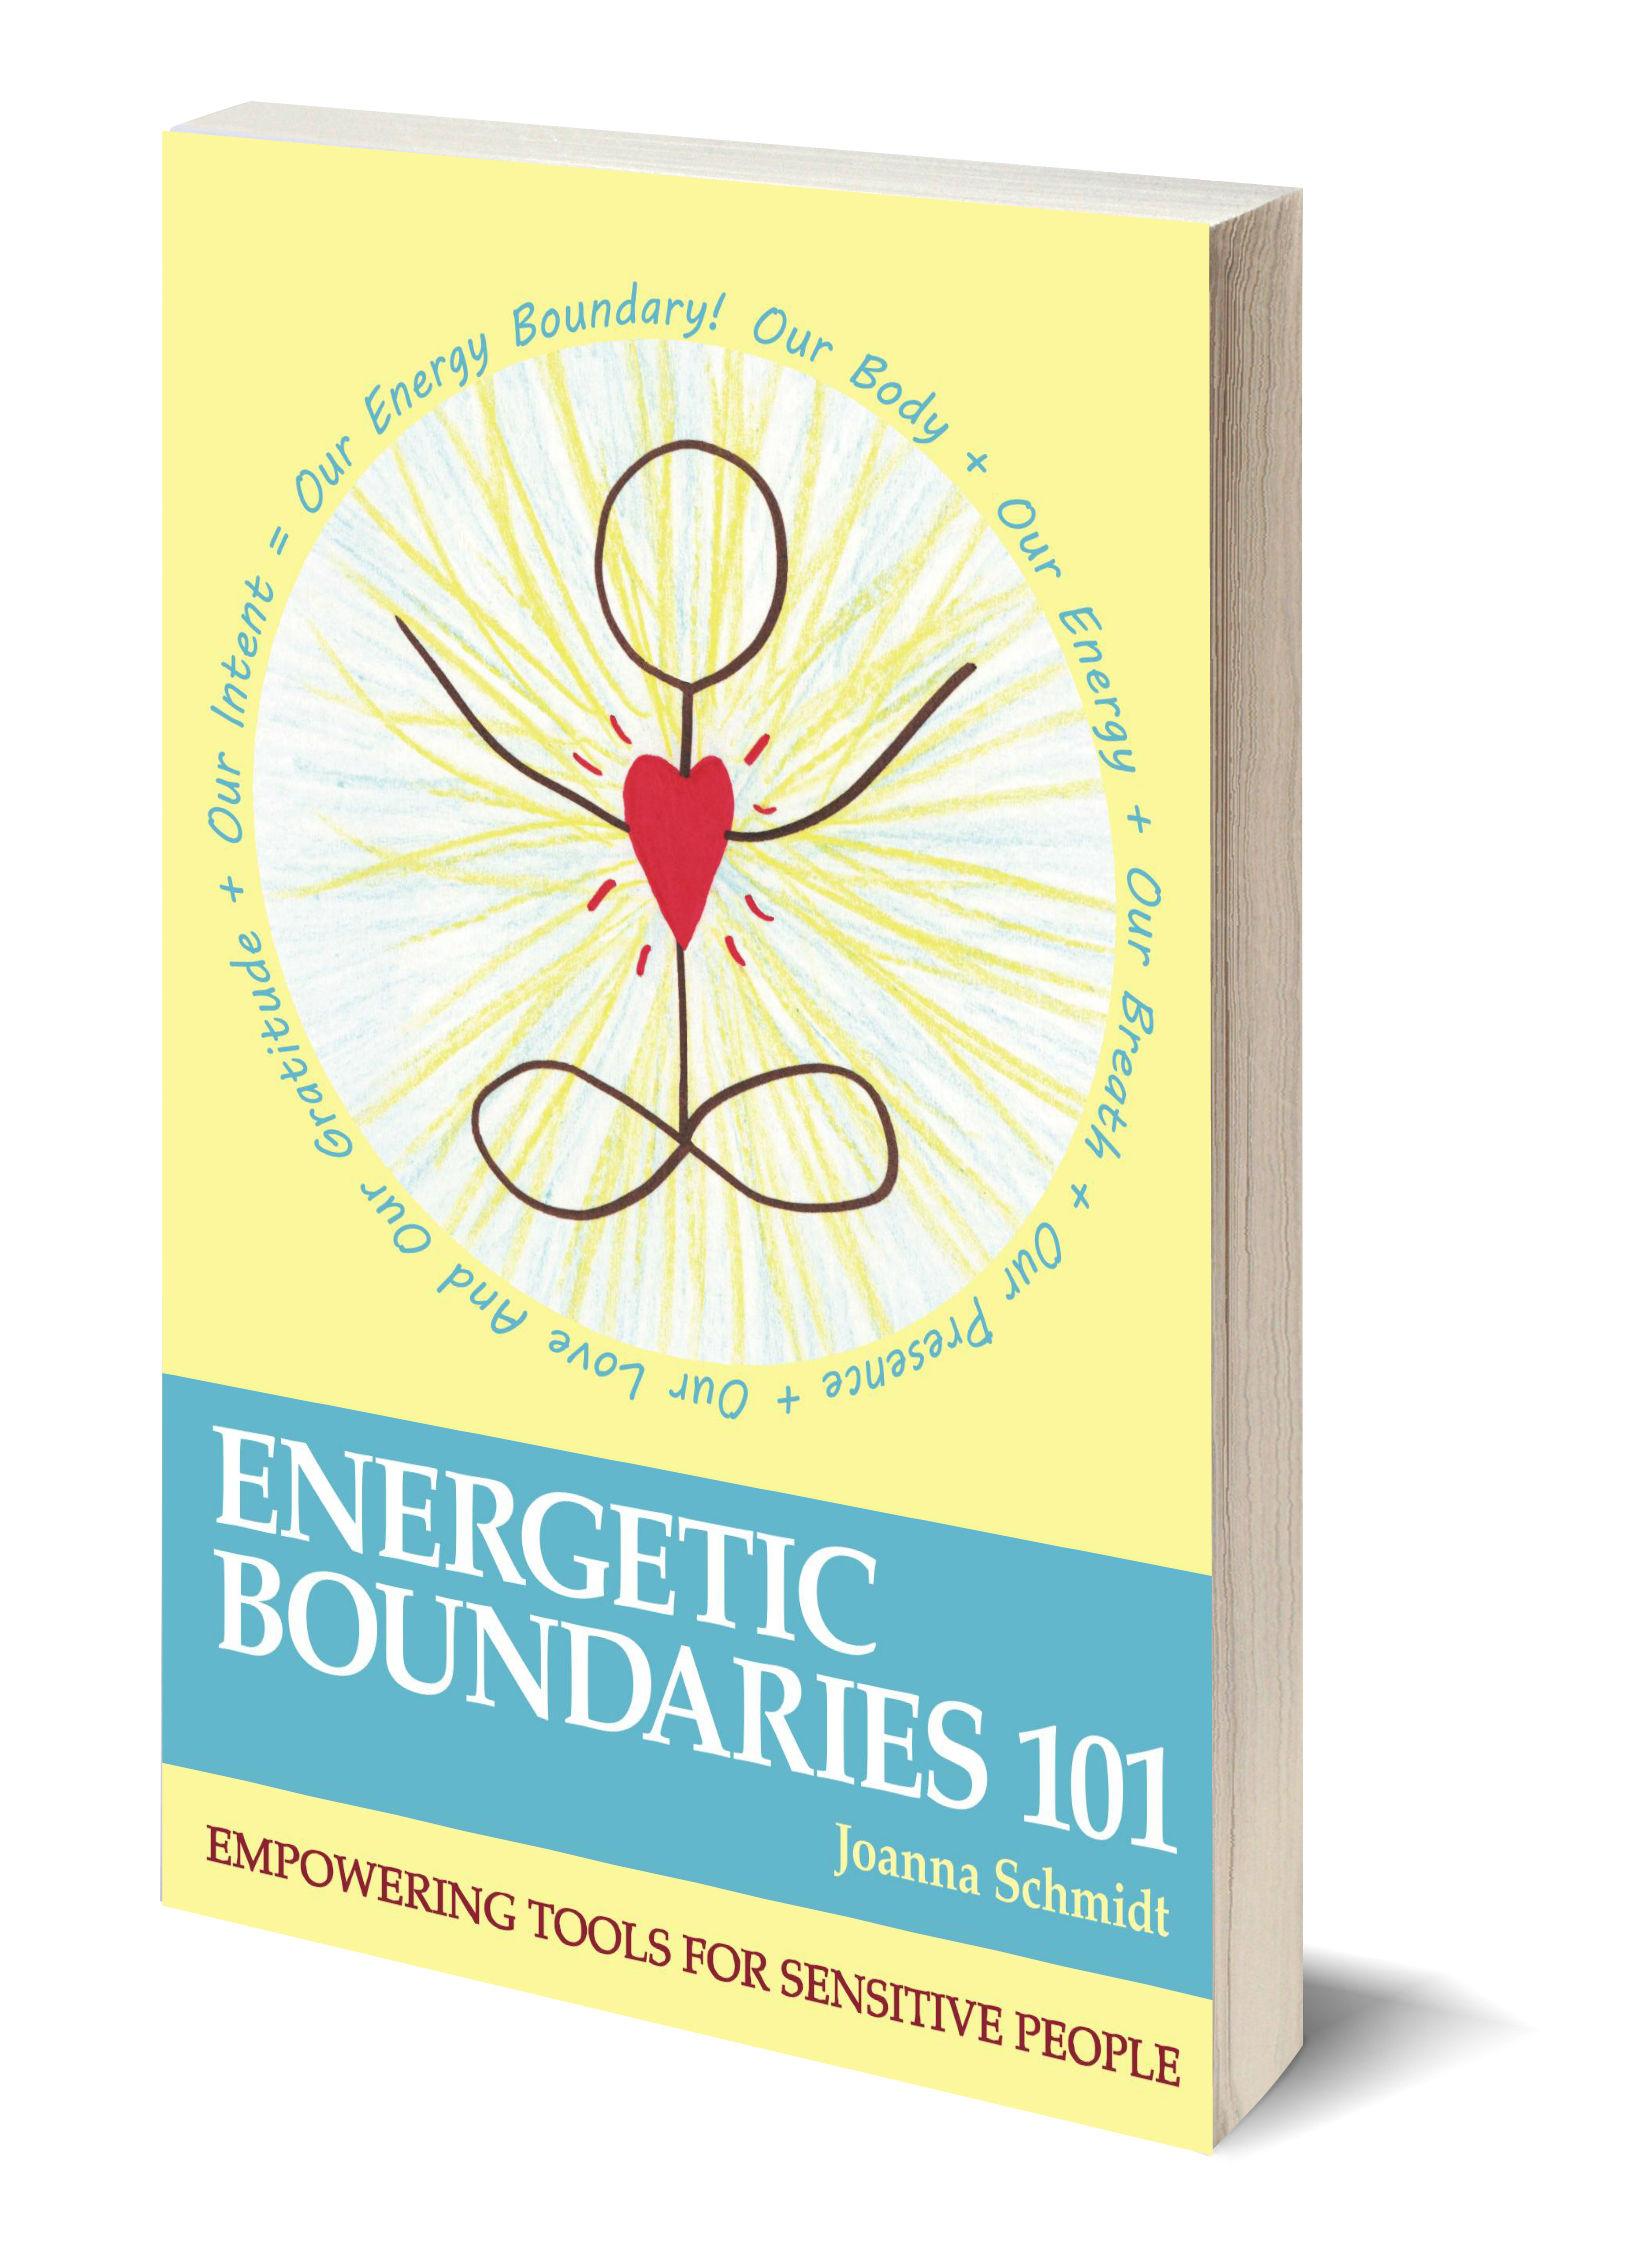 Energetic Boundaries 101, by Joanna Schmidt